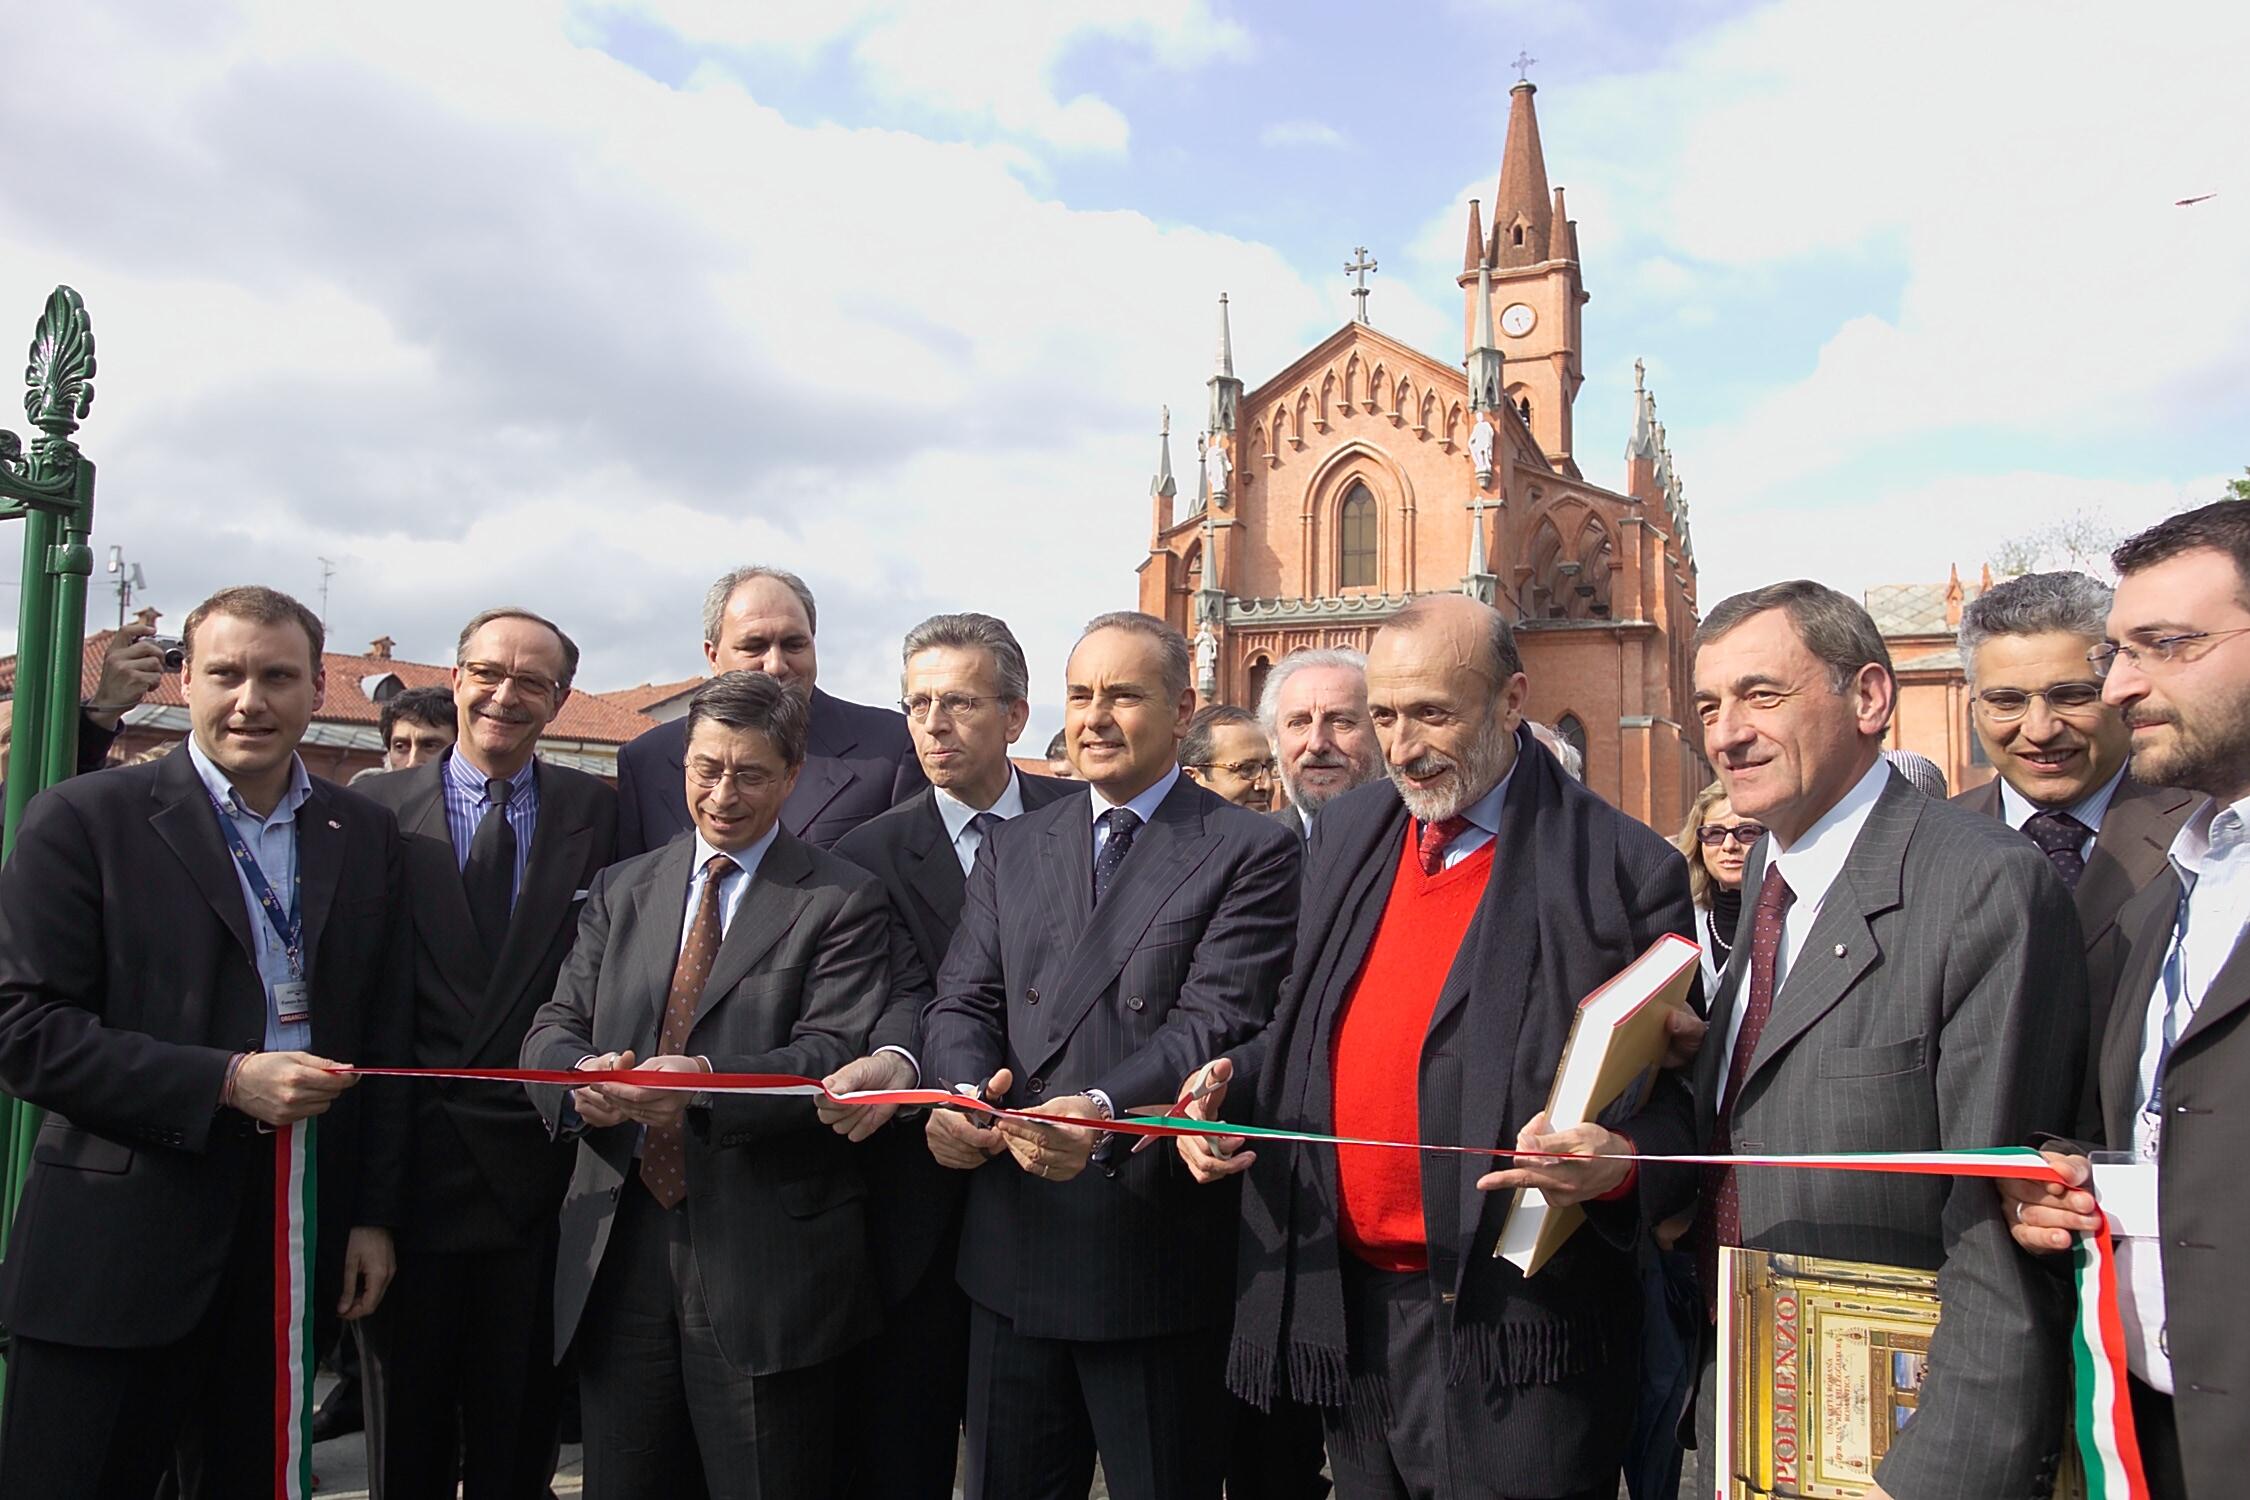 Inaugurazione Agenzia di Pollenzo - taglionastro